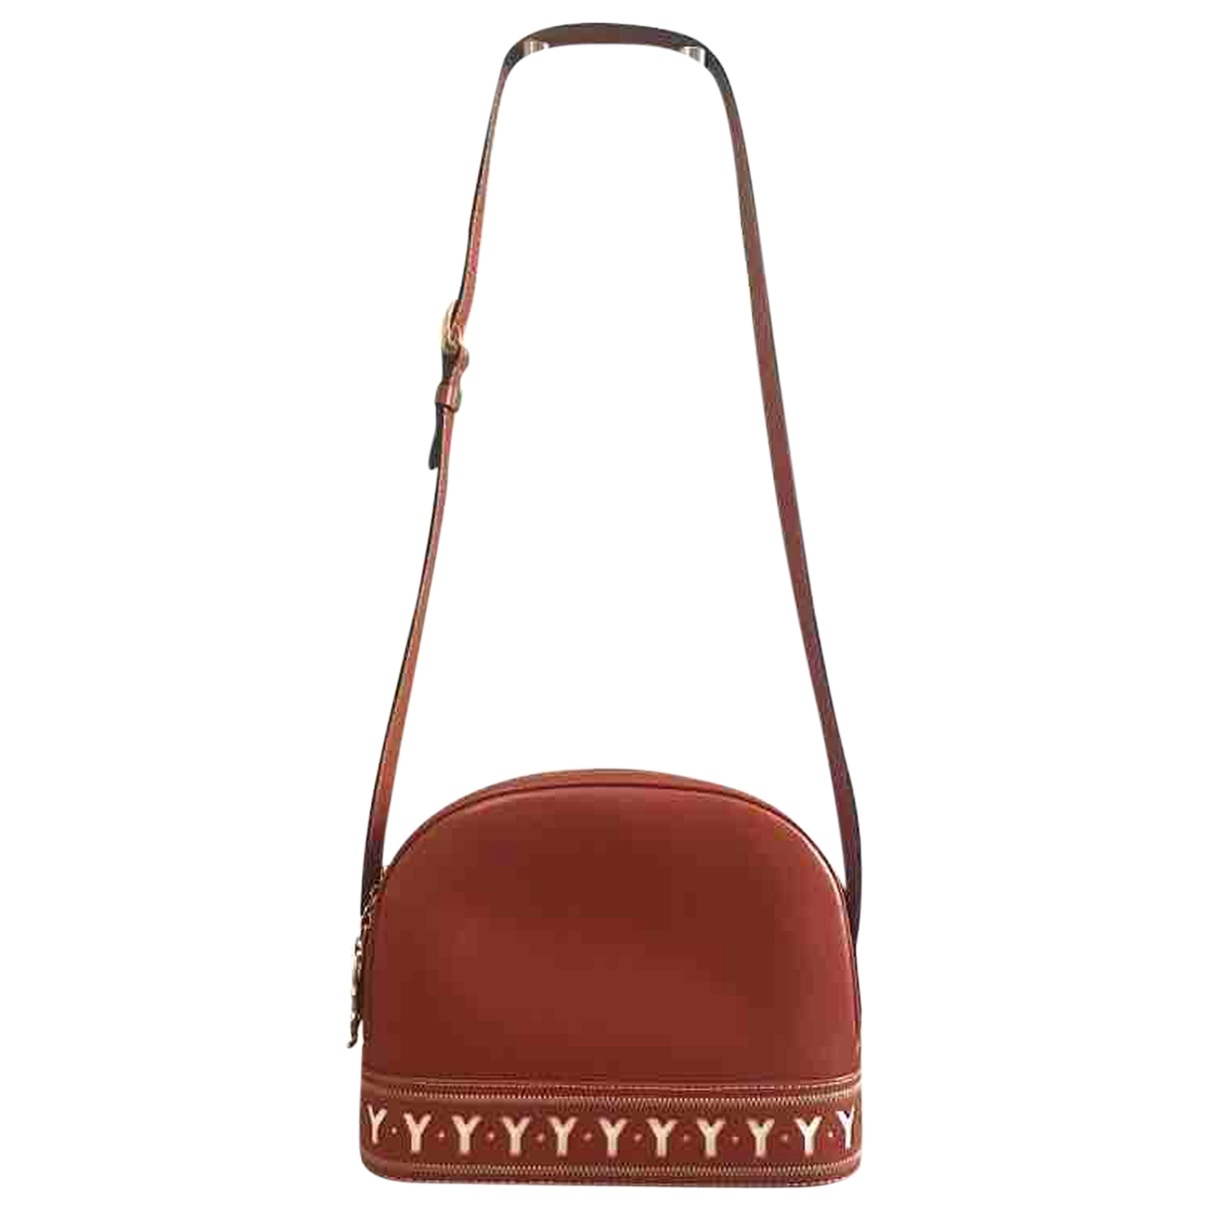 Yves Saint Laurent \N Camel Leather handbag for Women \N